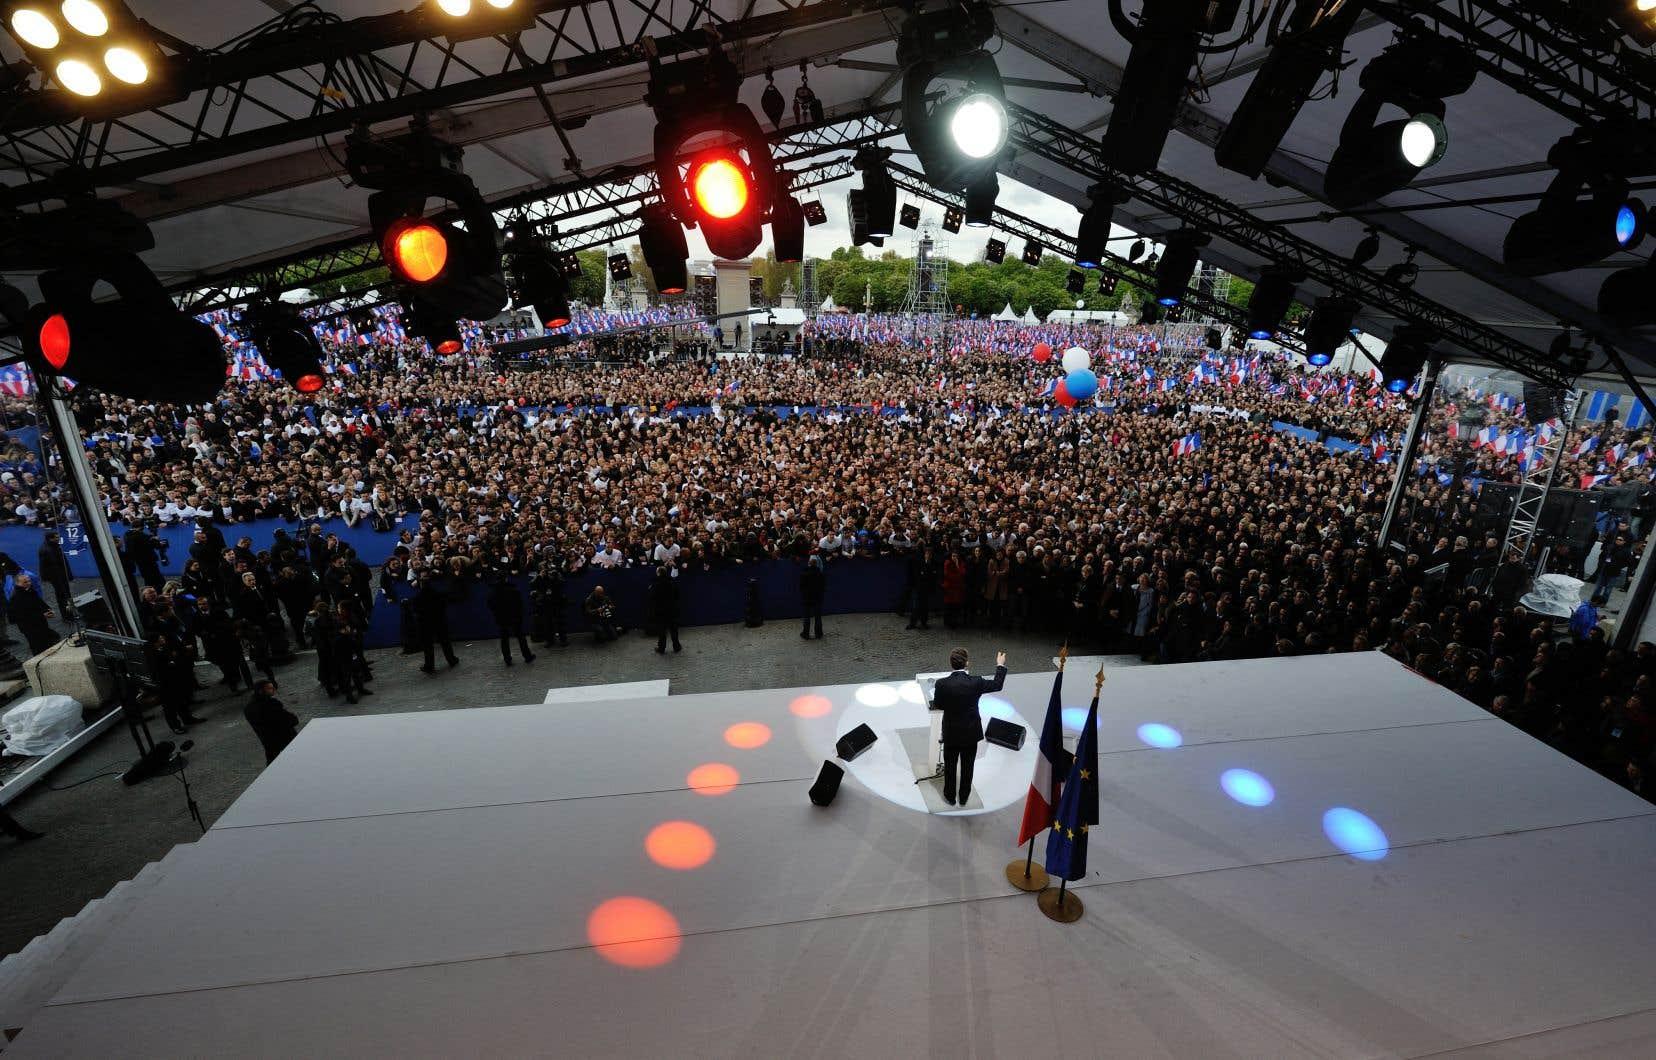 La campagne du président sortant, alors en difficulté dans les sondages, s'était terminée par une série de grandes assemblées, dont un immense rassemblement sur la place de la Concorde.